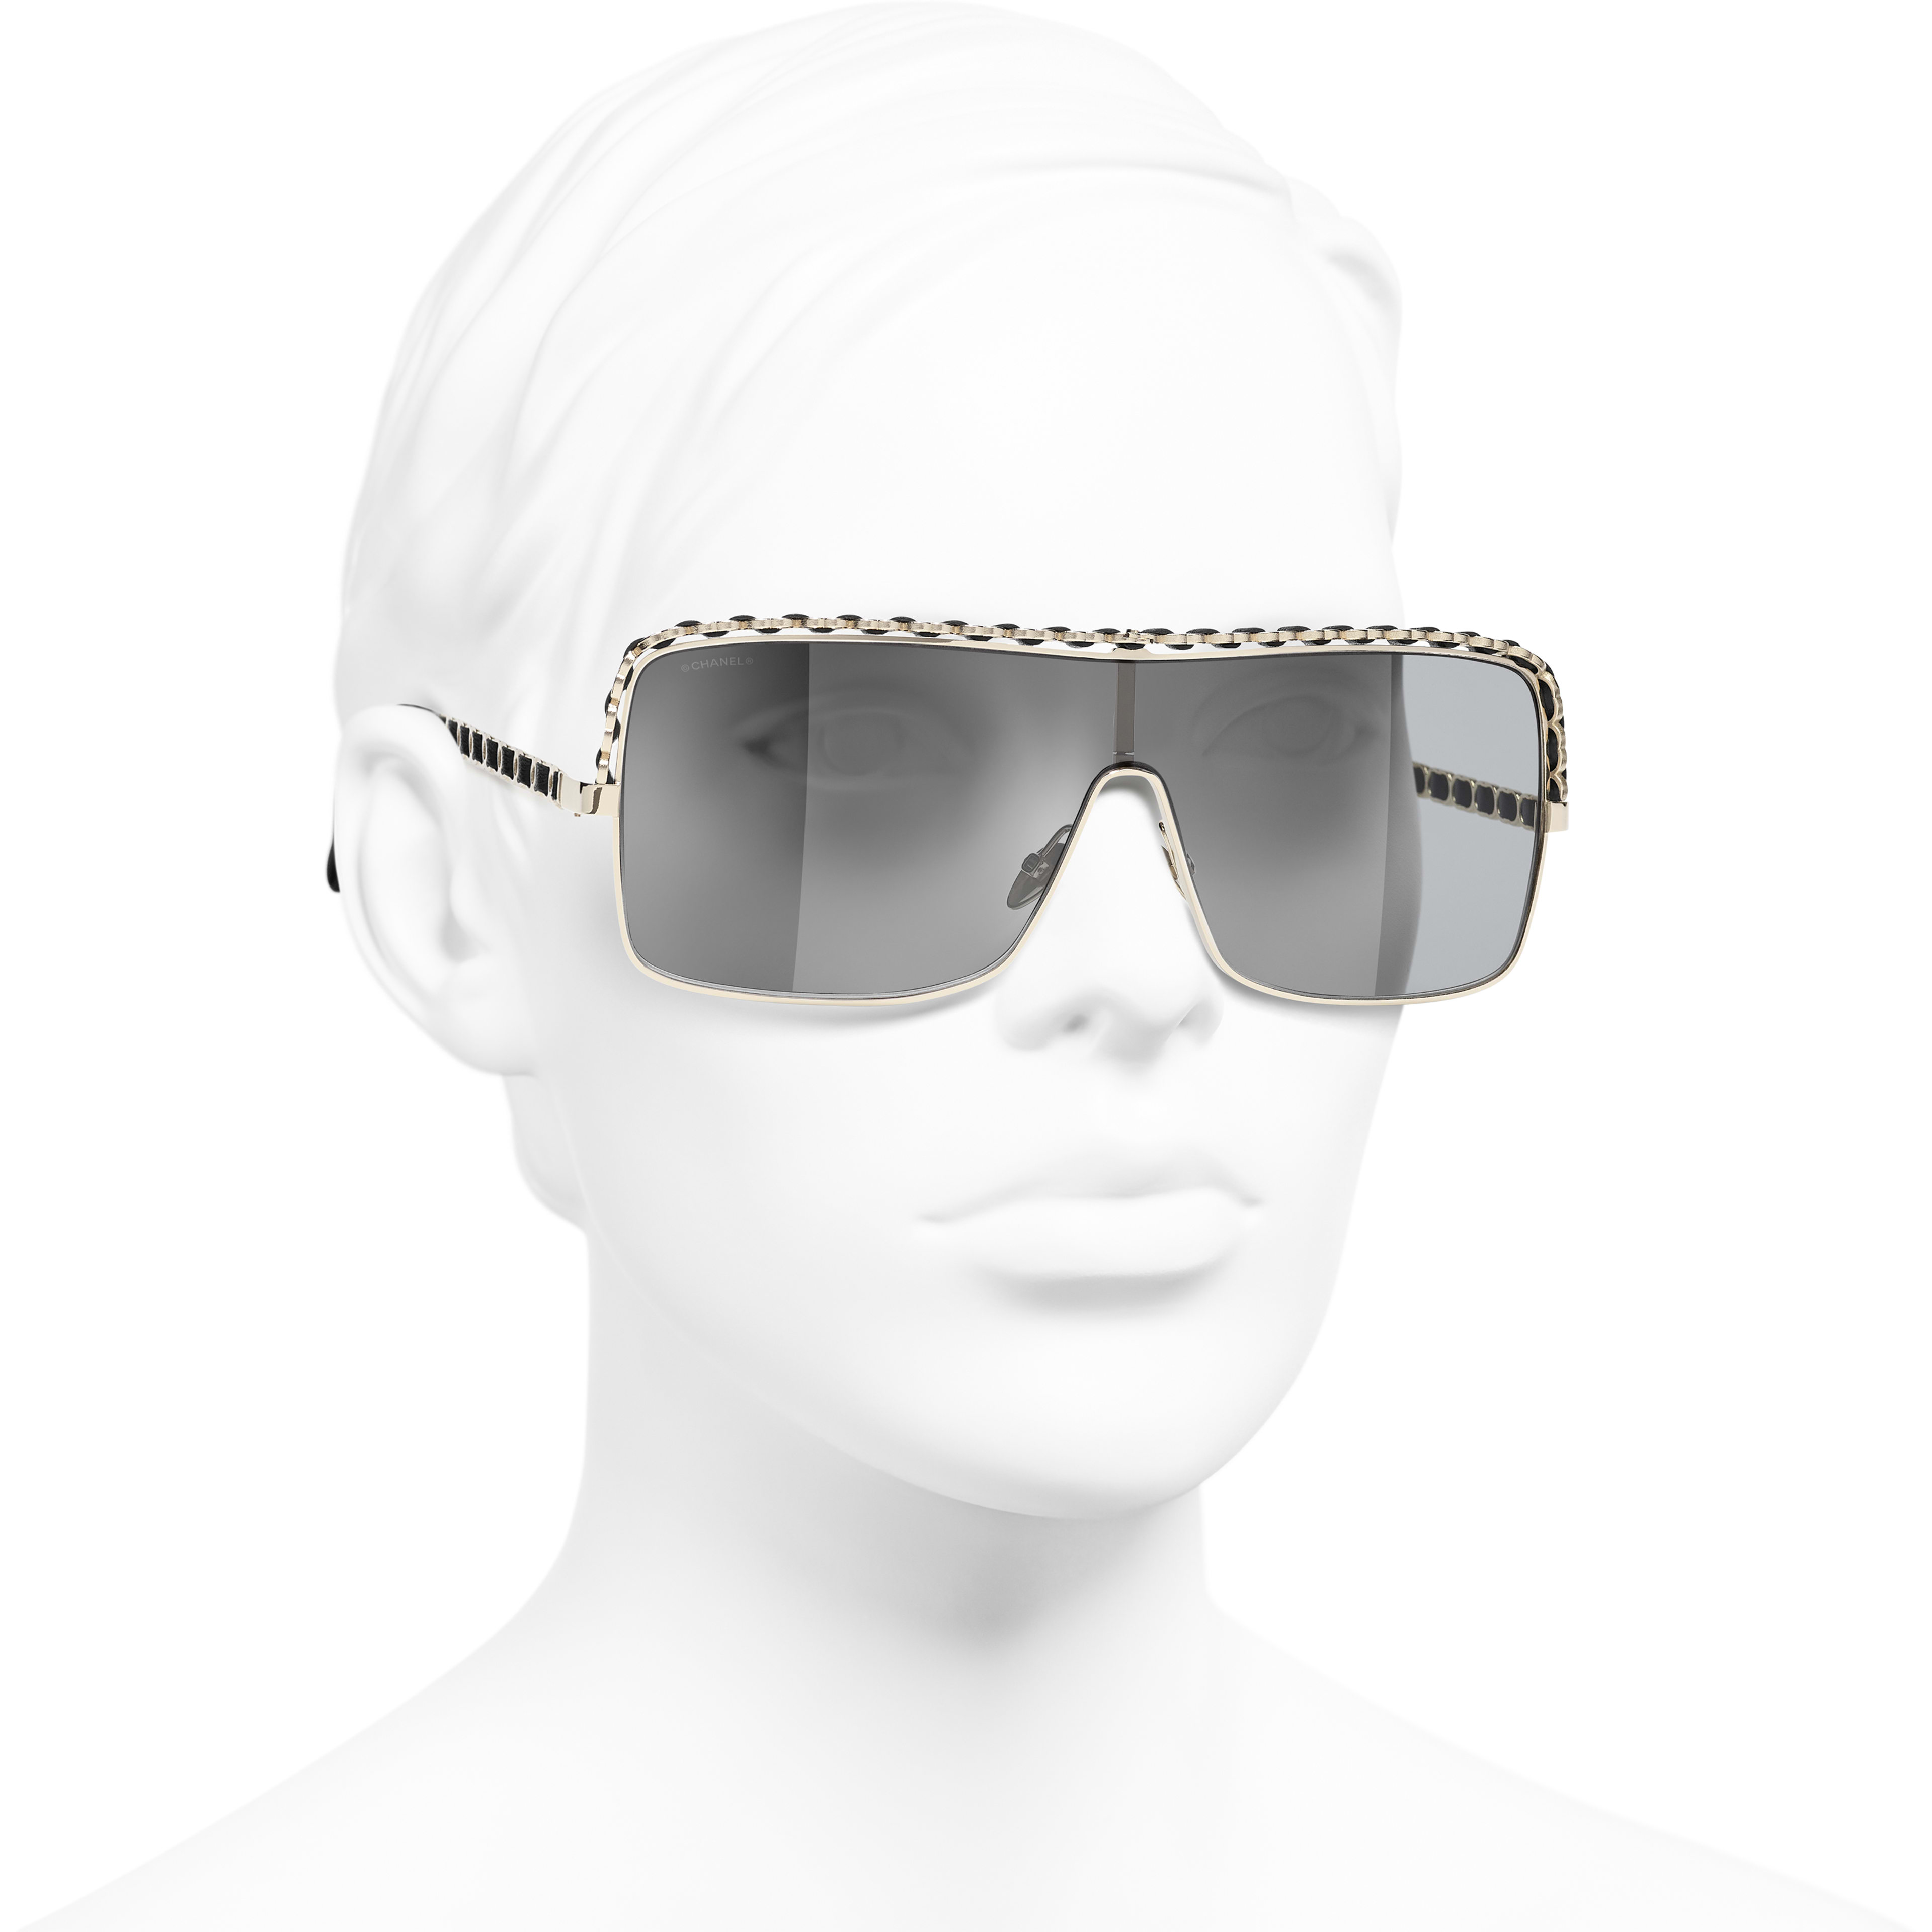 Gafas de sol montura ancha - Dorado - Metal y piel de cordero - CHANEL - Vista 3/4 puesto - ver la versión tamaño estándar